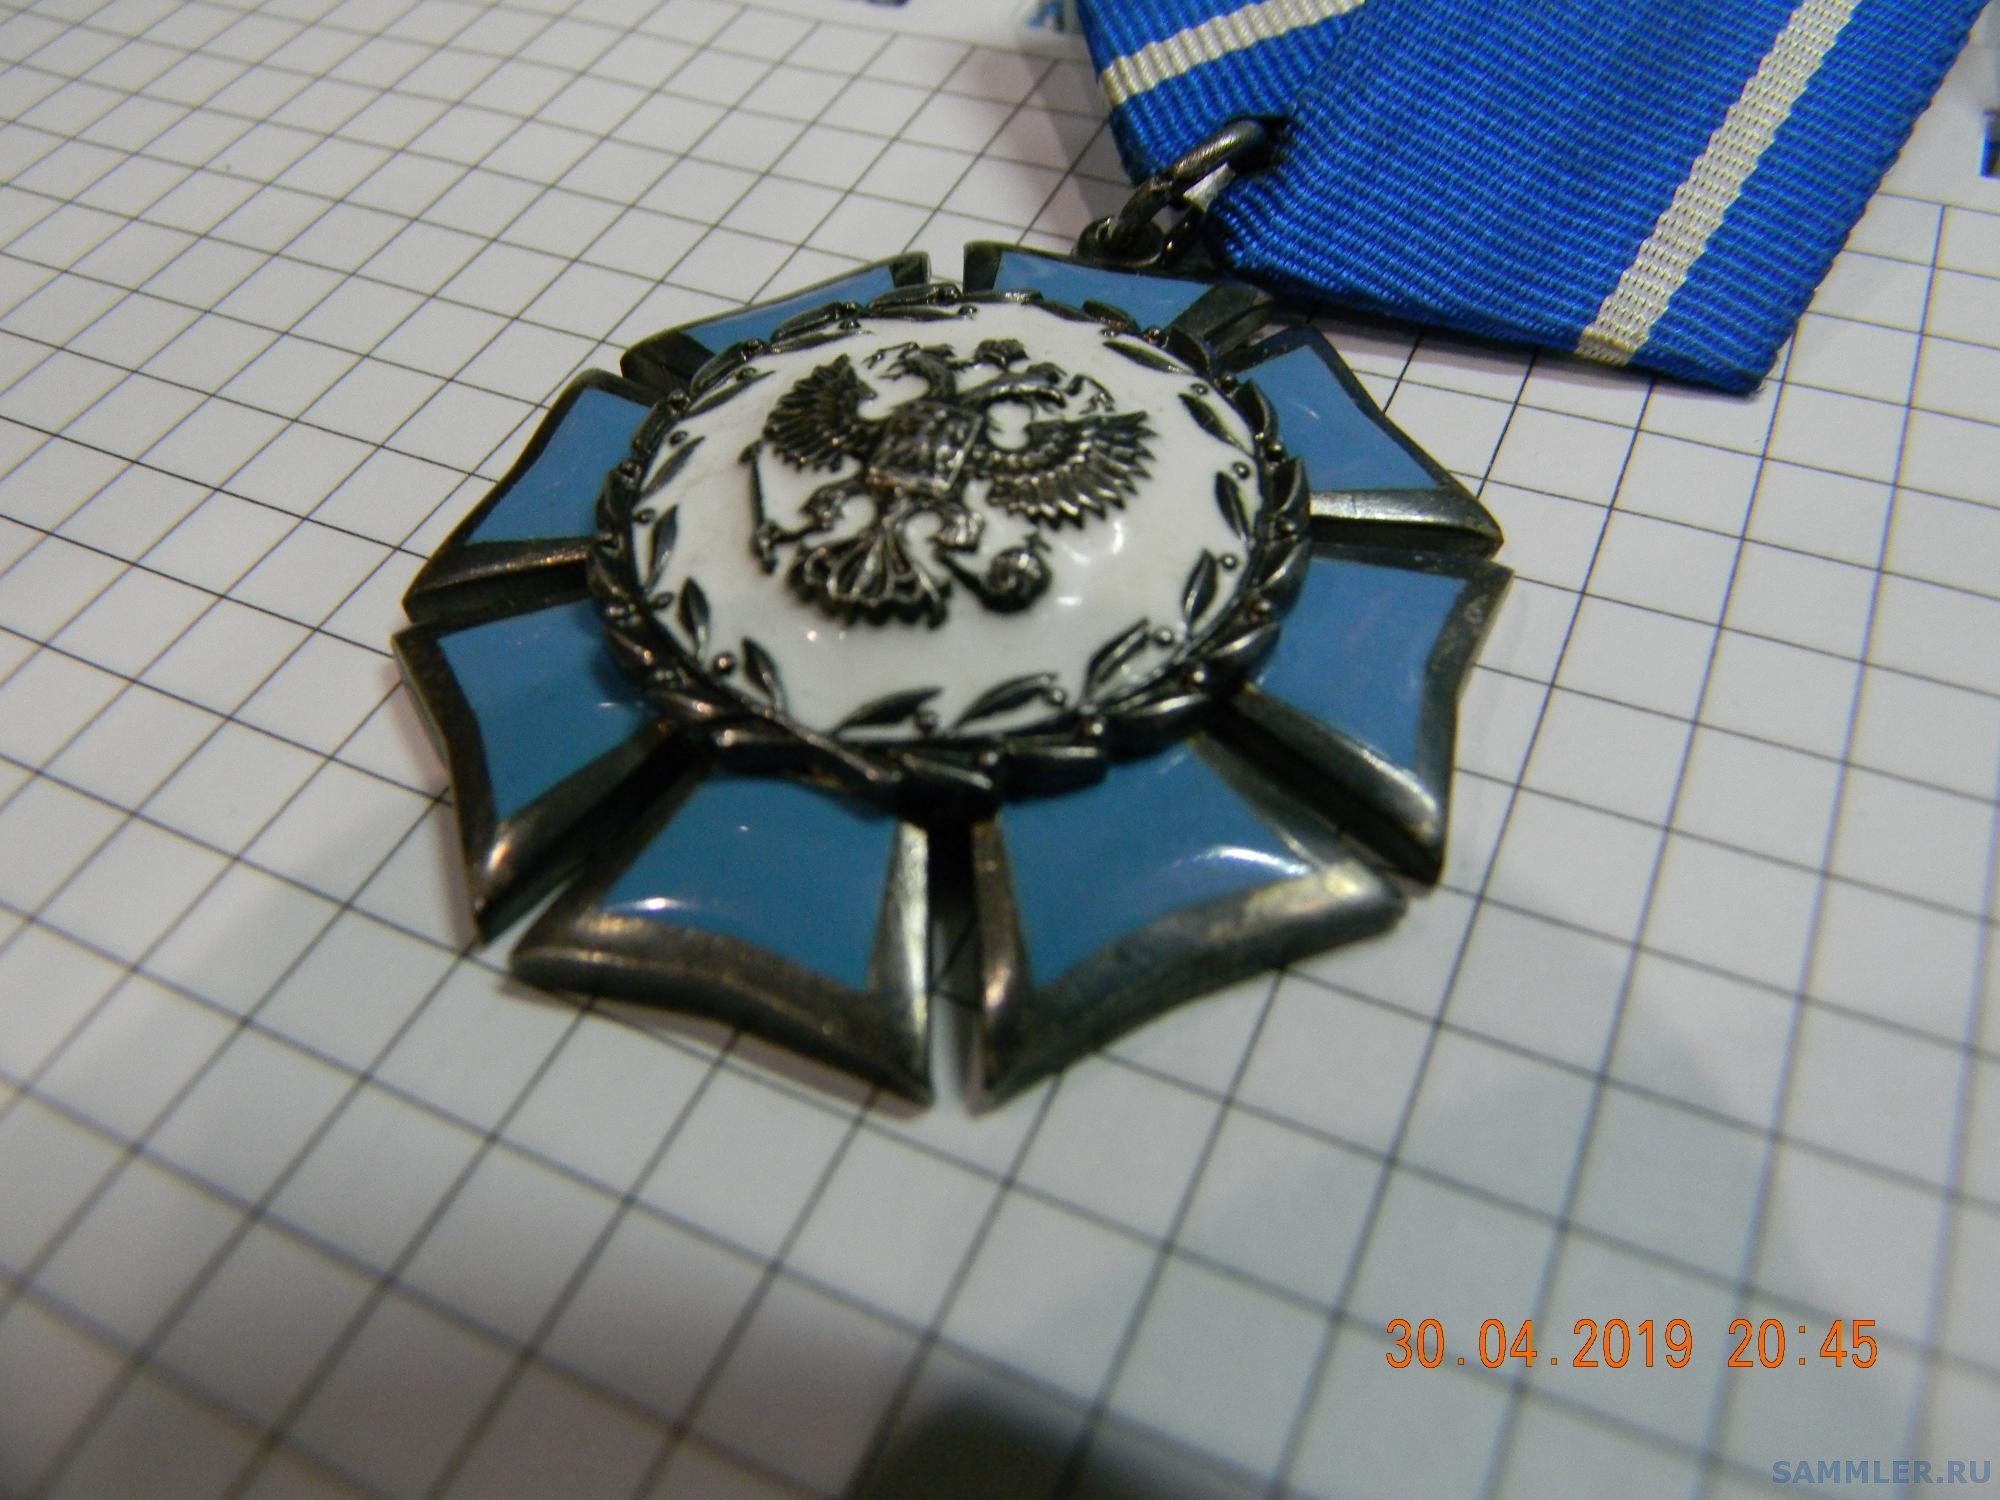 DSCN1358.JPG